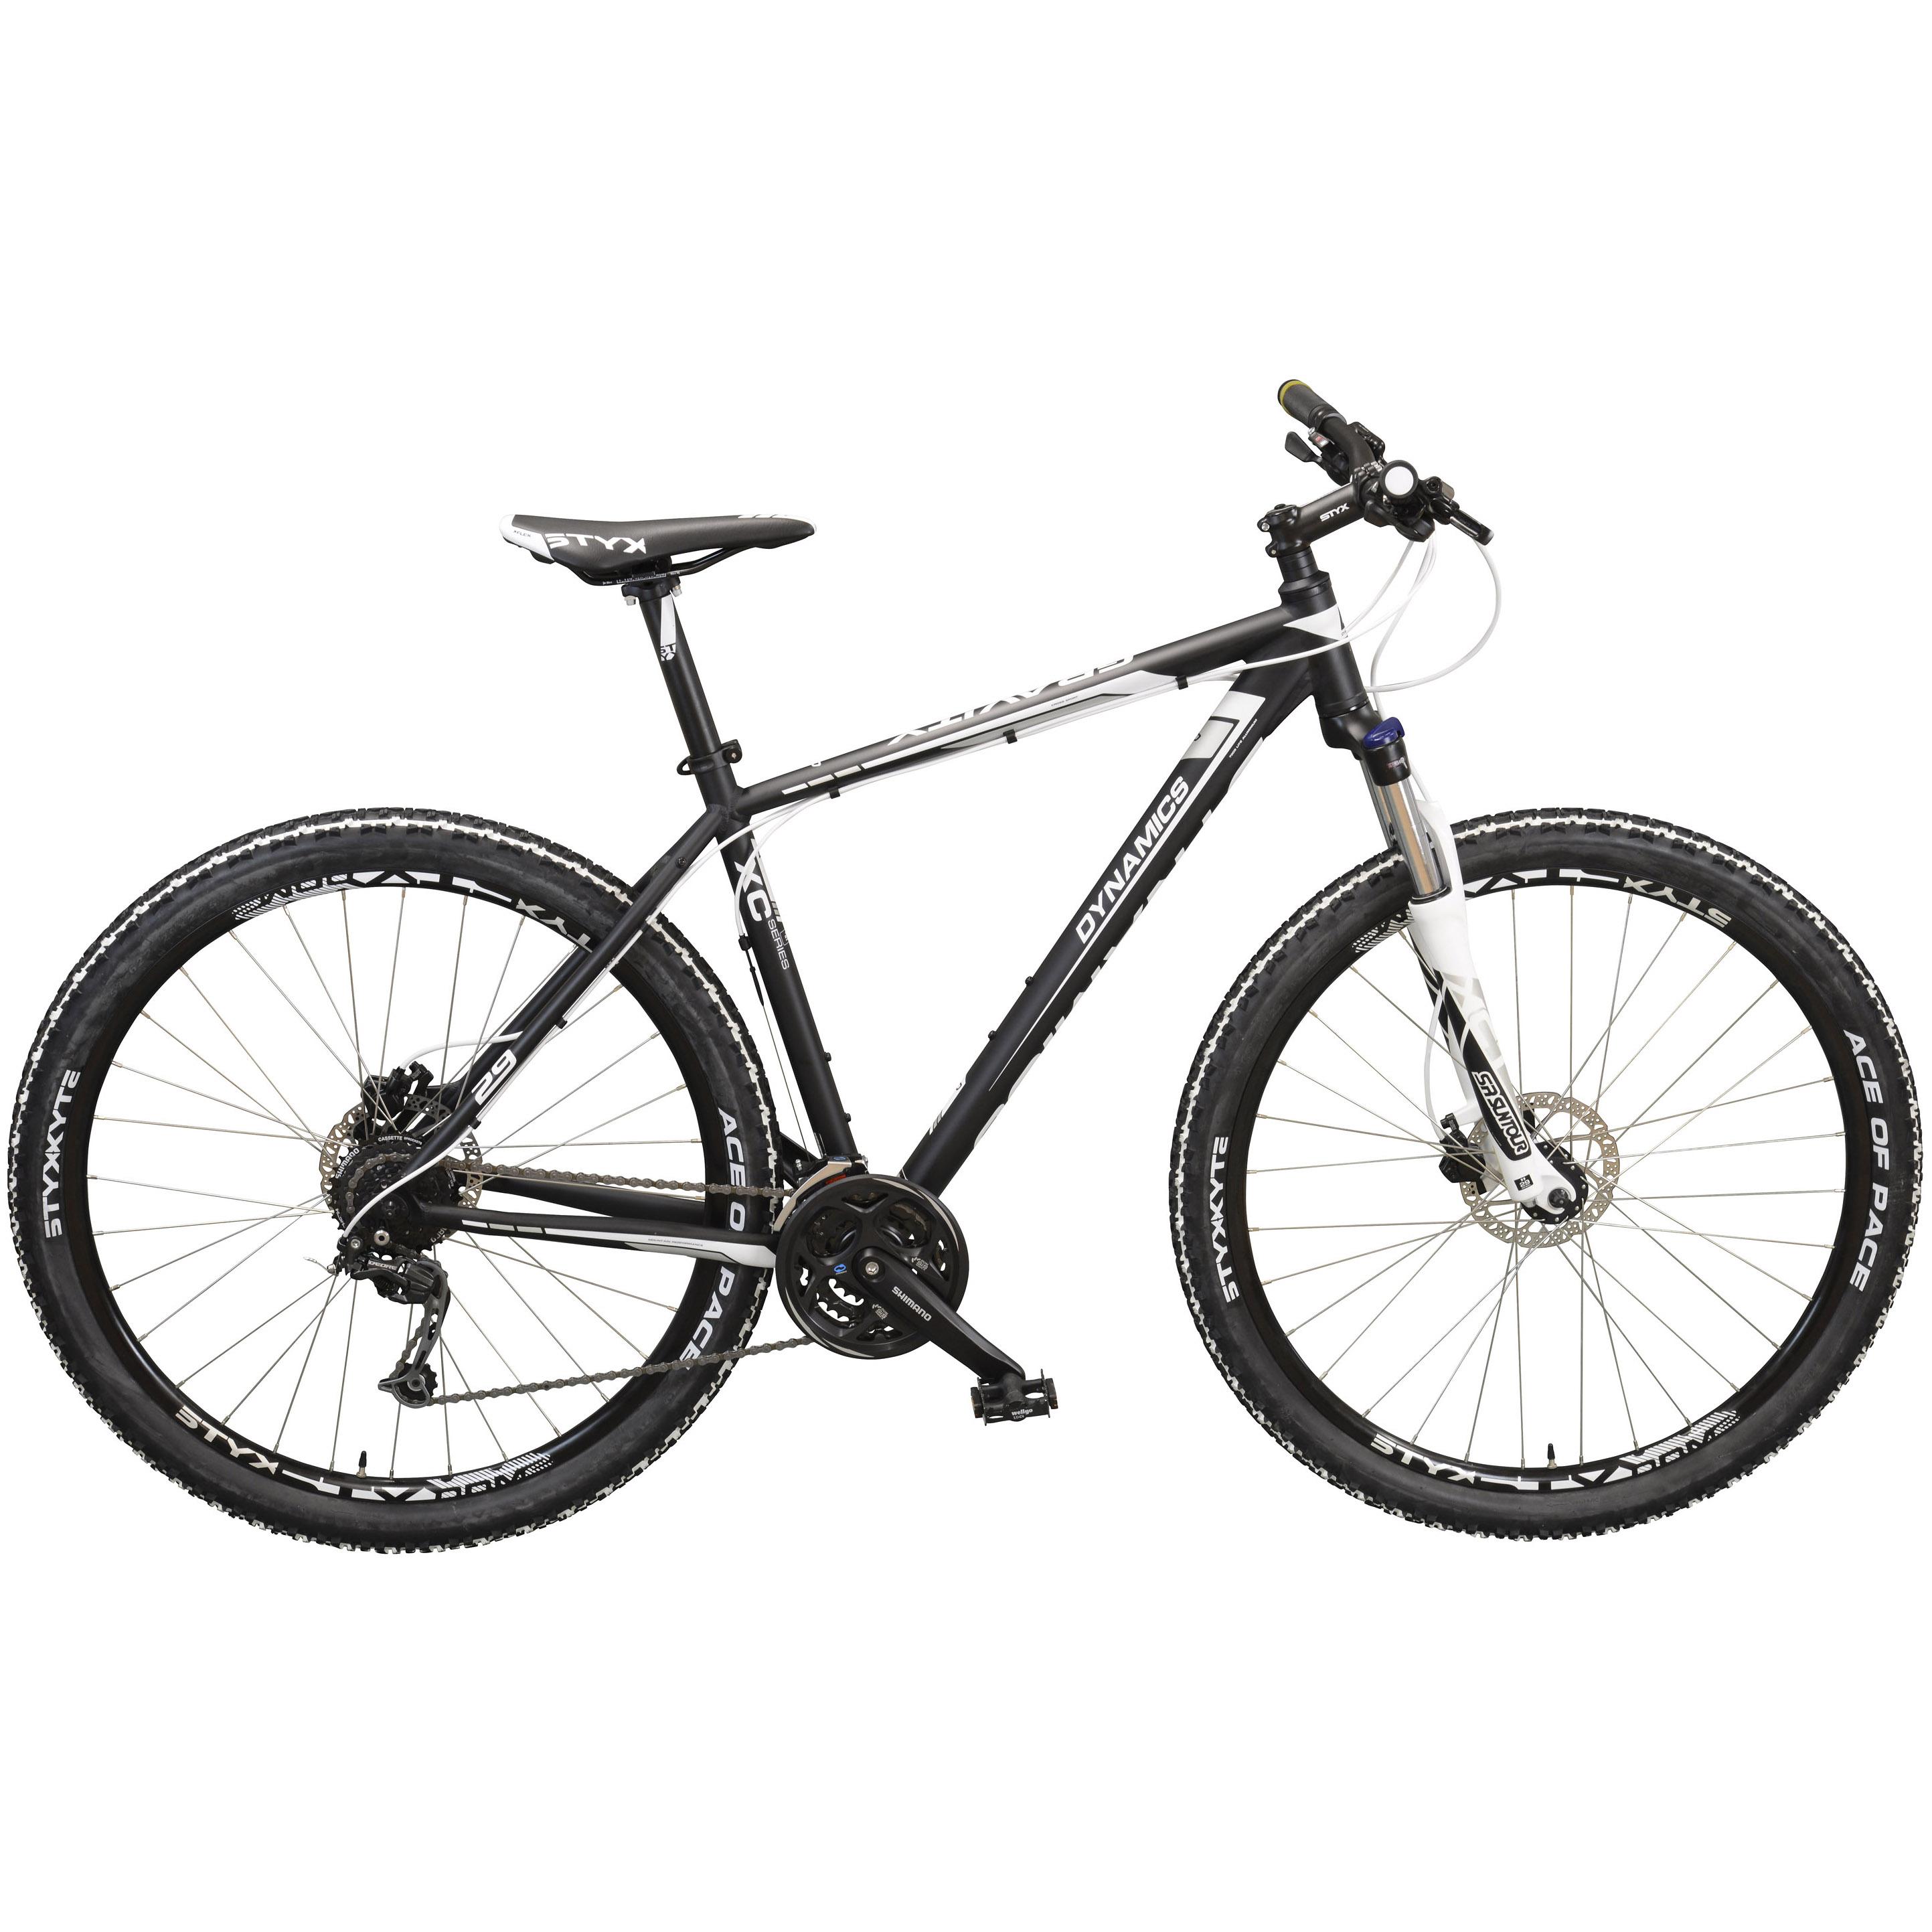 24 24 zoll kinderfahrrad mountainbike kinder fahrrad rad. Black Bedroom Furniture Sets. Home Design Ideas